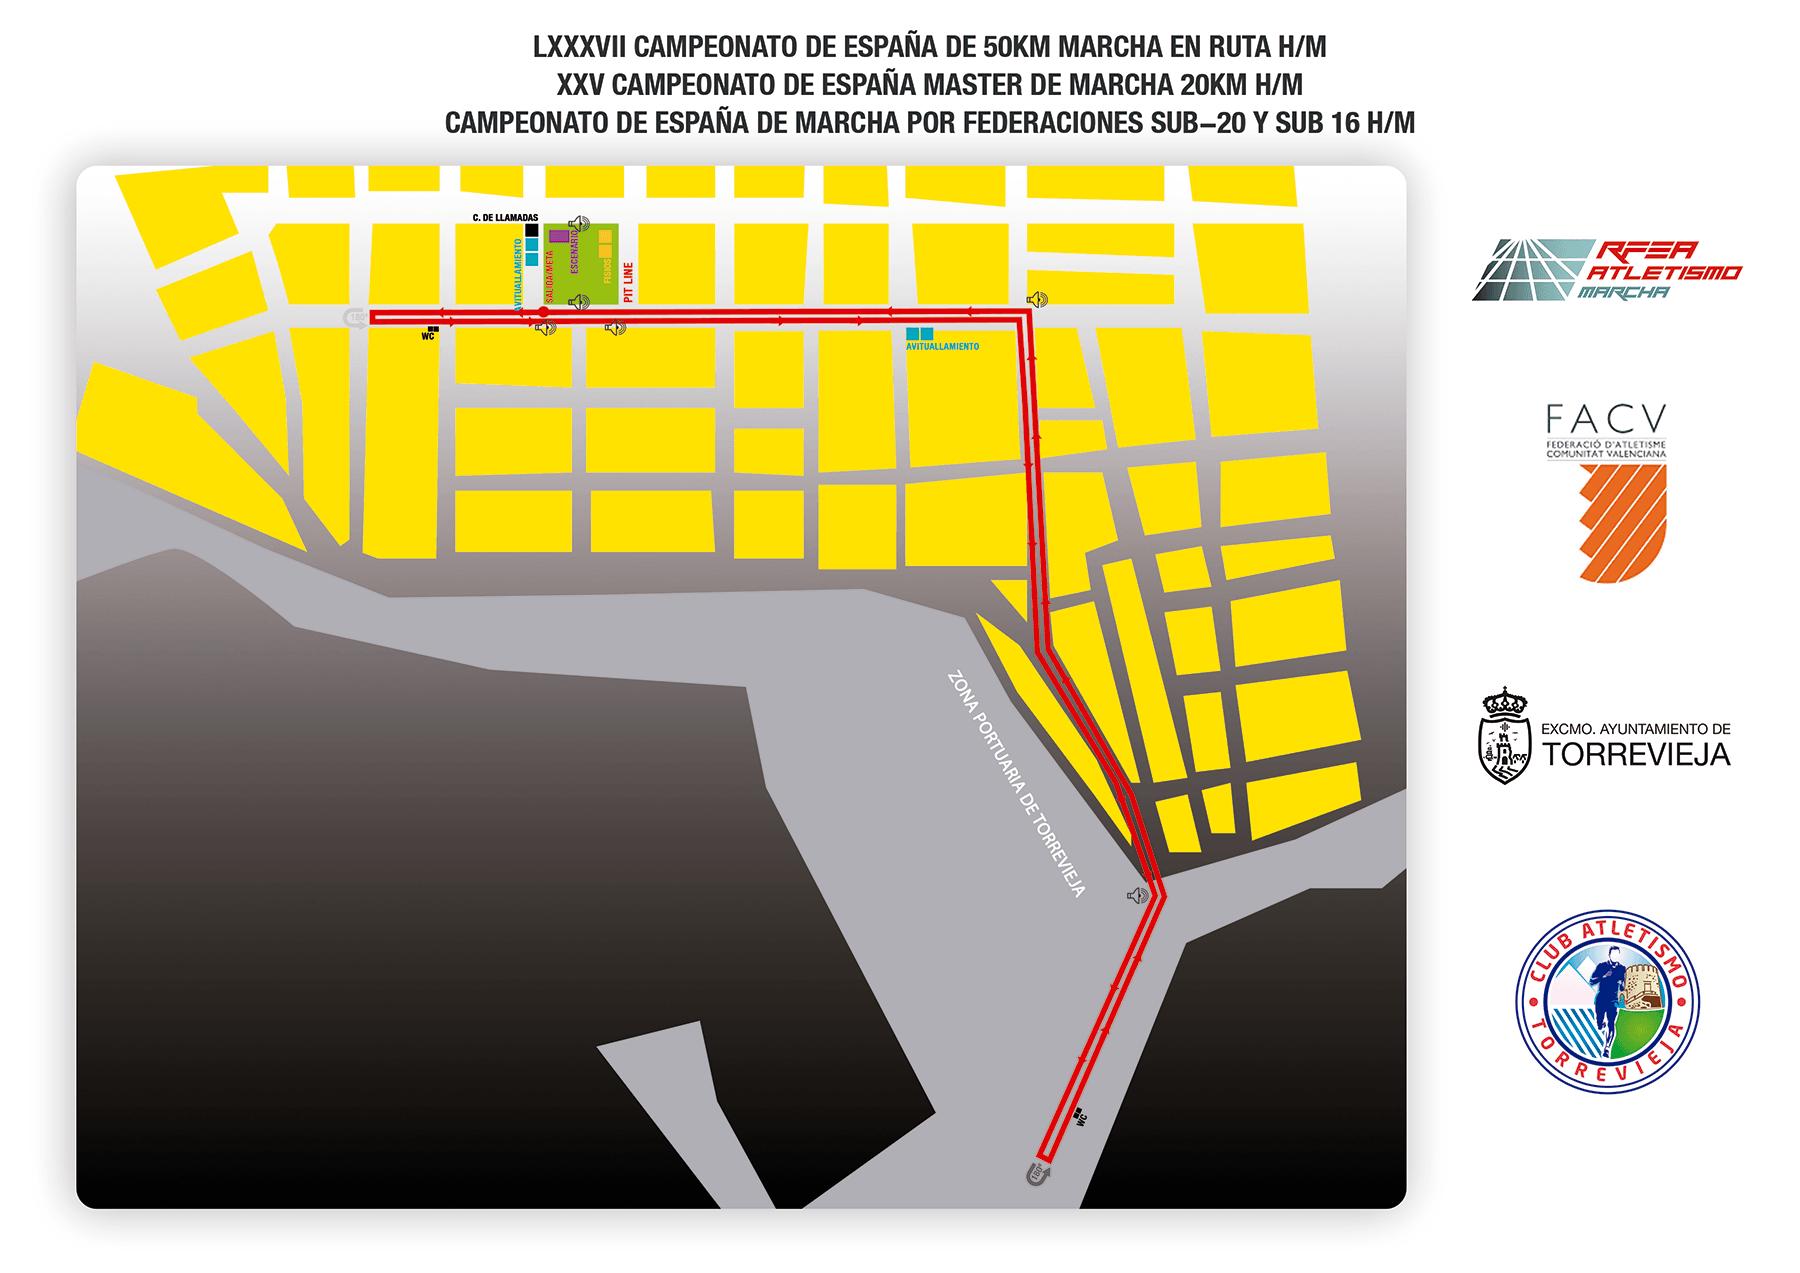 Recorrido - Cto Esp 50kms marcha ruta Torrevieja 2020